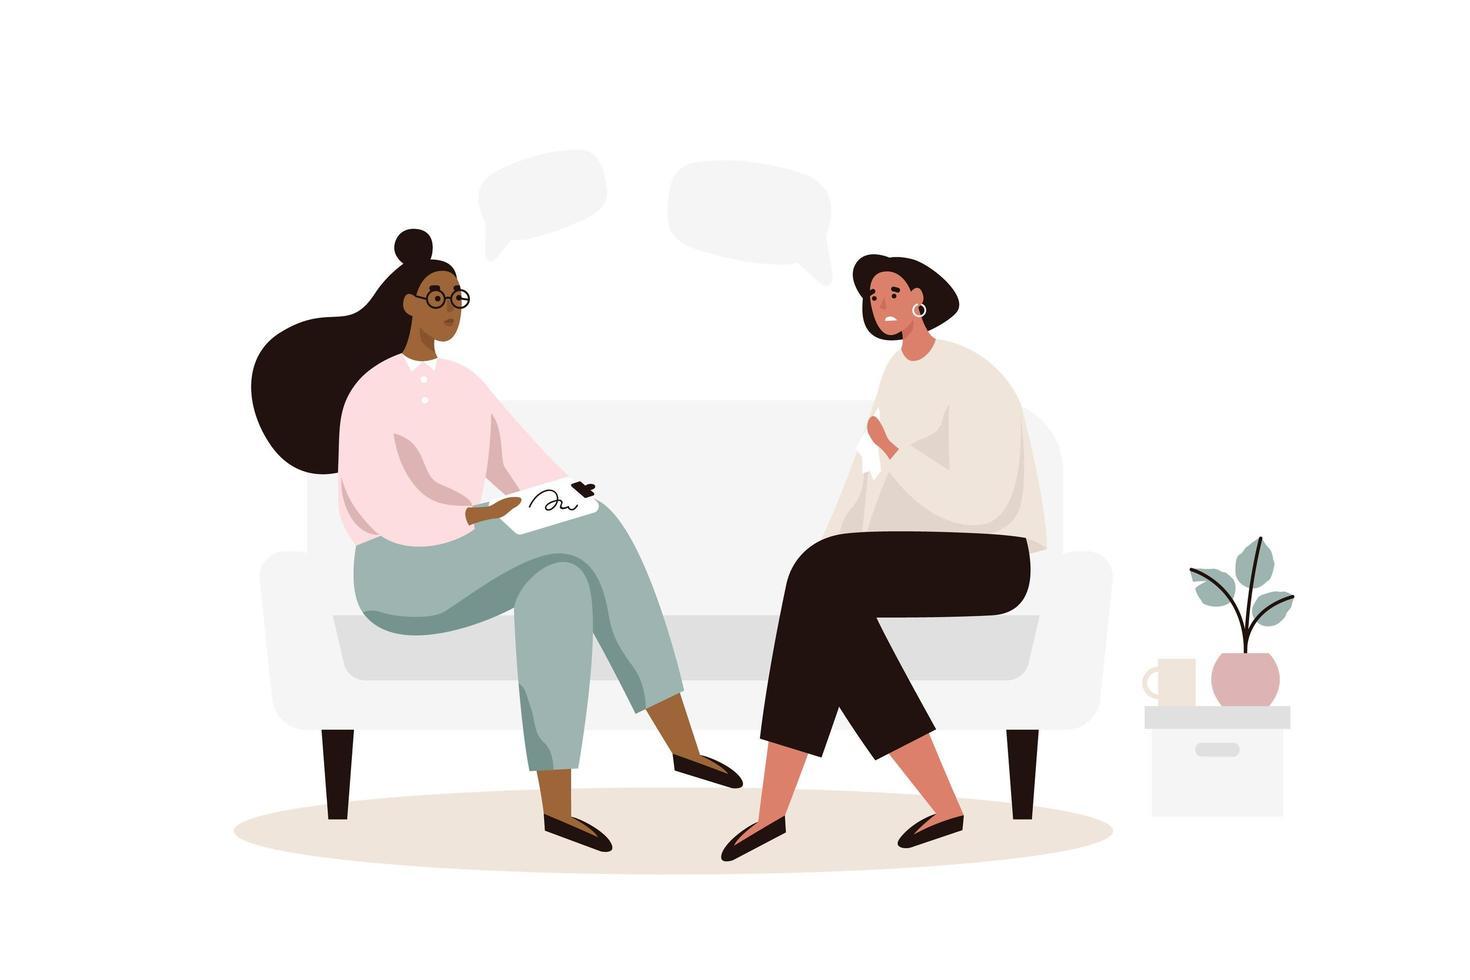 Psychotherapie-Sitzung mit Frauen auf der Couch vektor